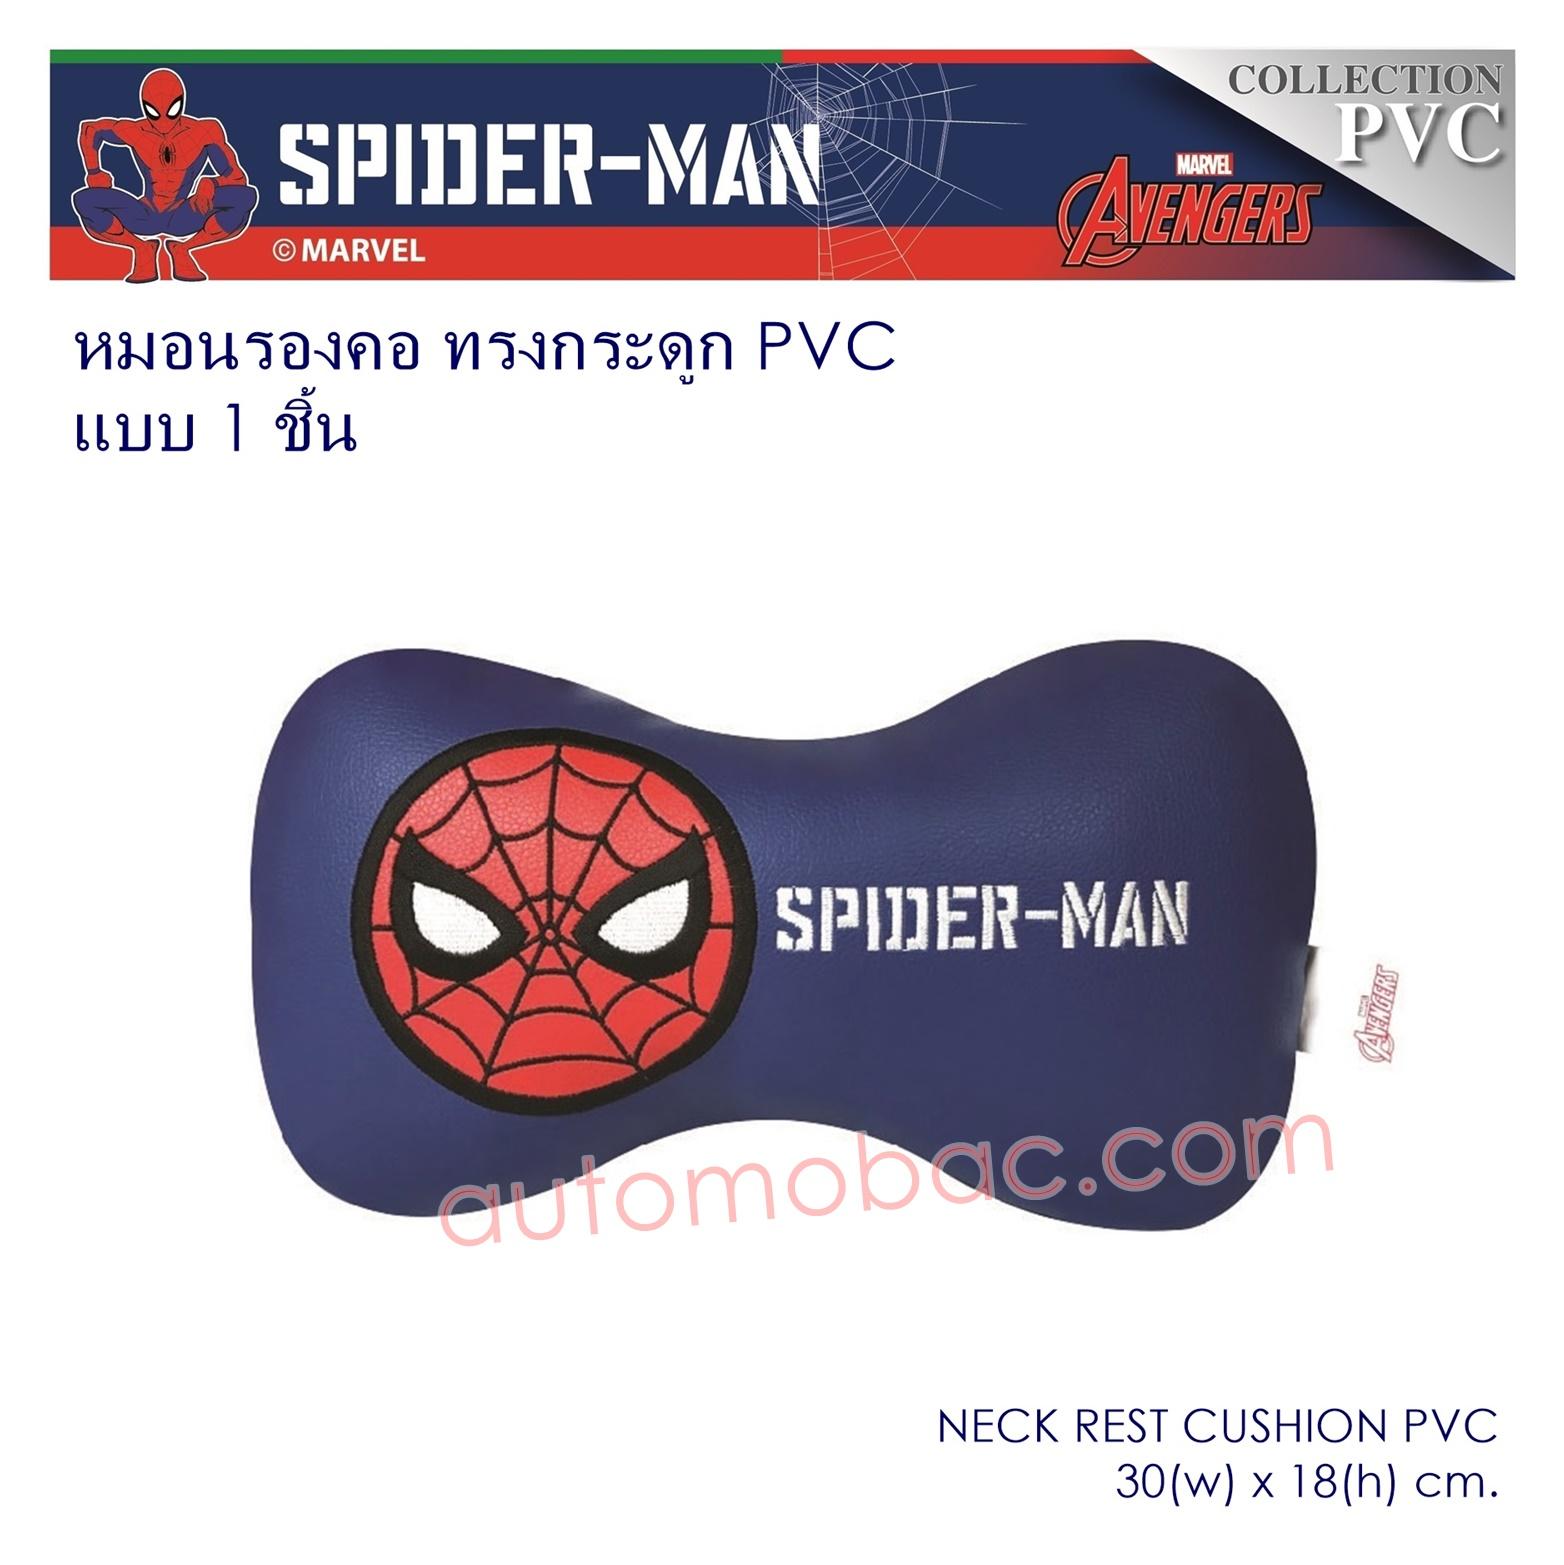 Spider-man หมอนรองคอ ทรงกระดูก 1 ชิ้น หนัง PVC ใช้รองคอเพื่อลดการปวดเมื่อยขณะขับรถ ลิขสิทธิ์แท้